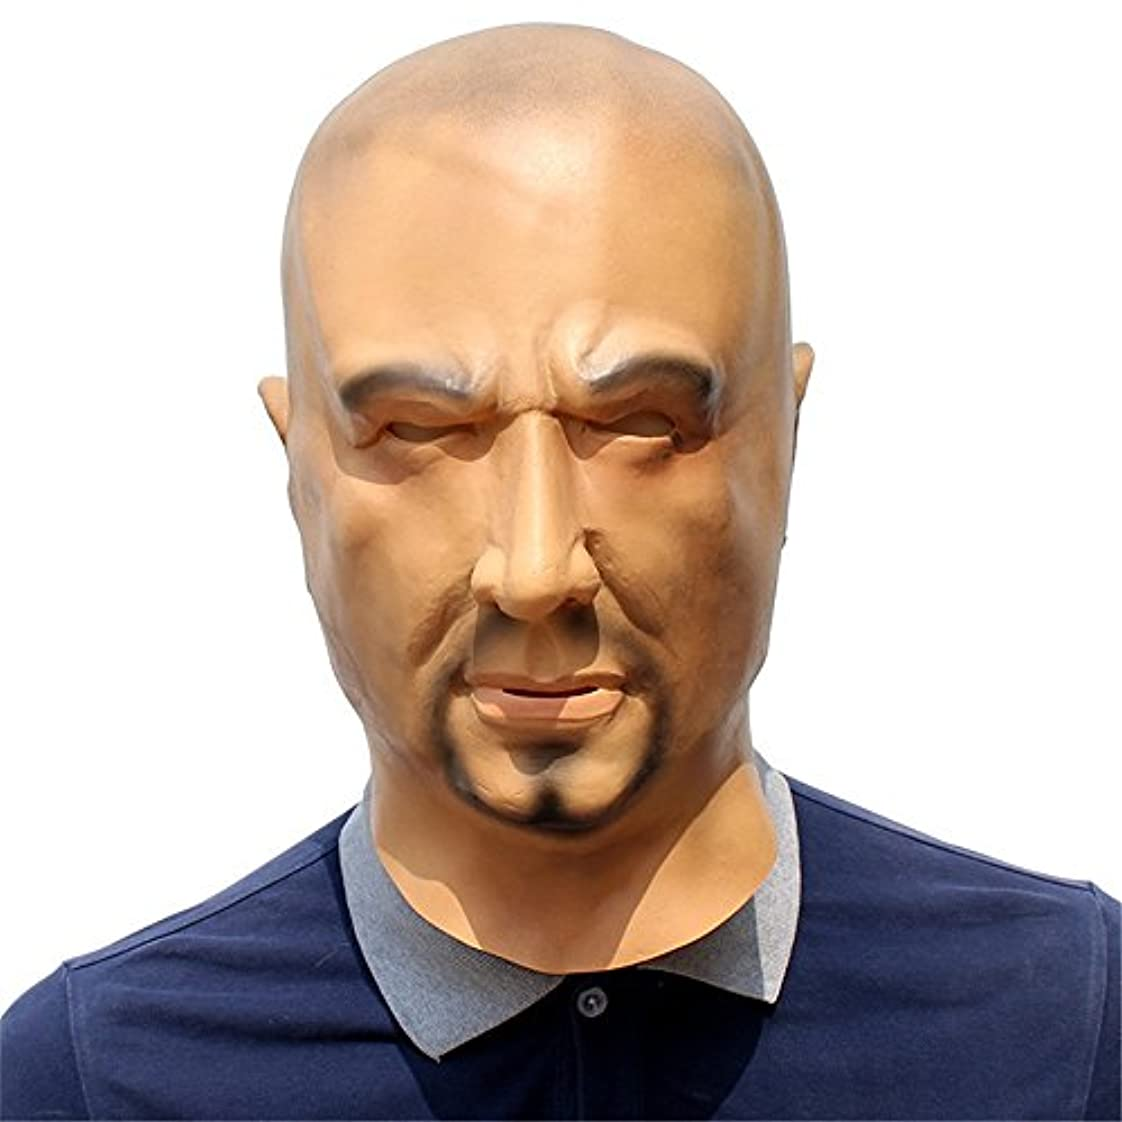 ディスパッチ悩む外科医ハロウィーンマッドCOSはフェイスマスクのトライアドラテックスマスクのロールプレイをドレスアップ